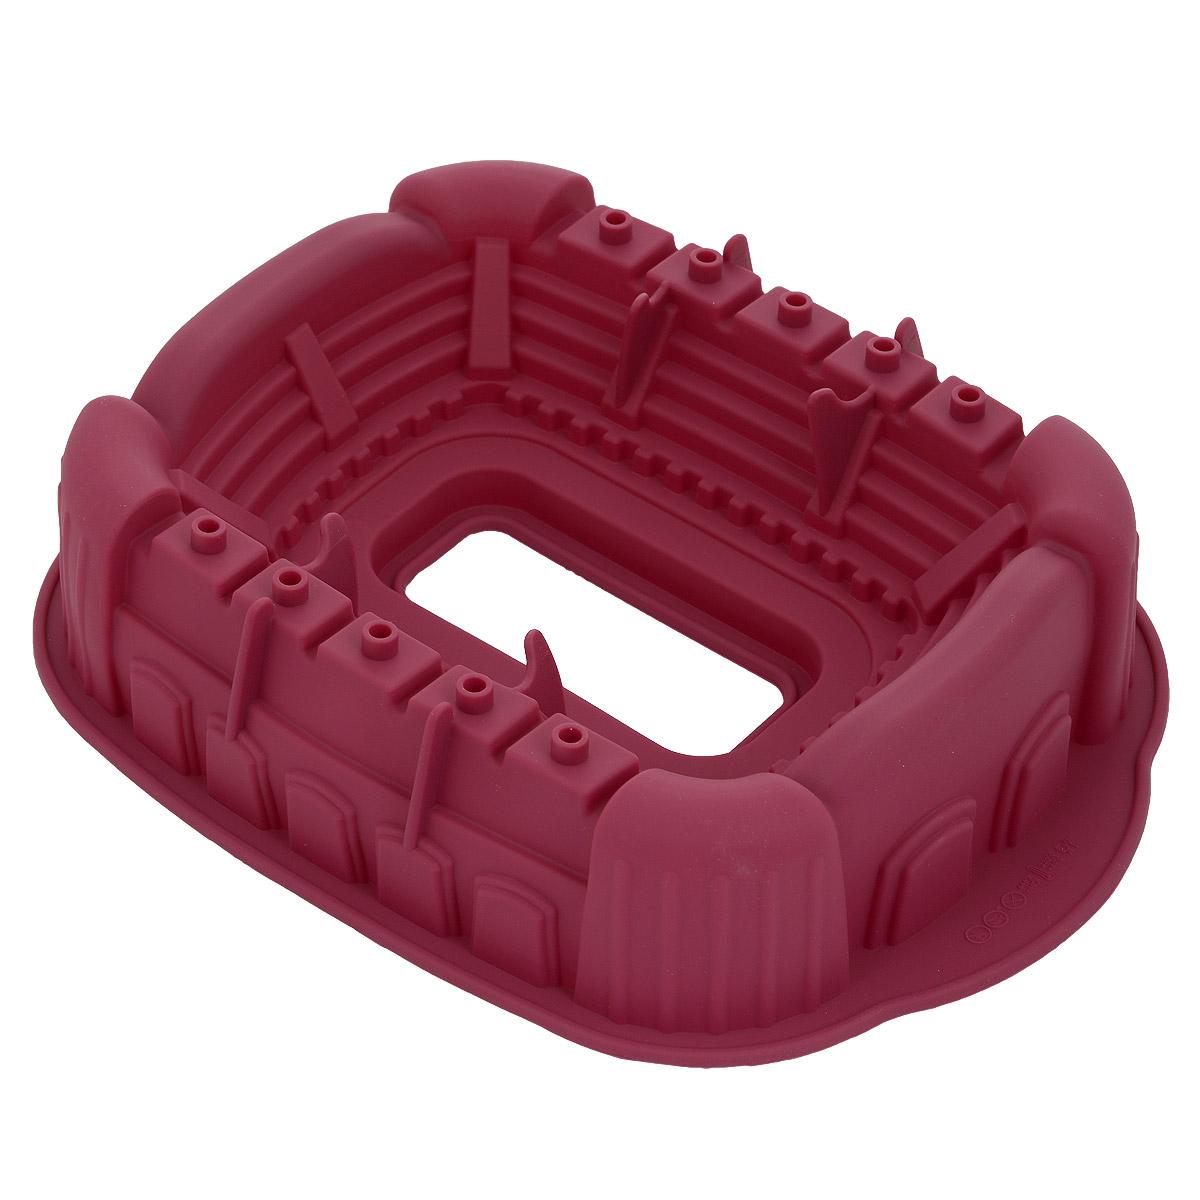 Форма для выпечки Bekker Стадион, силиконовая, цвет: бордовыйBK-9448Форма для выпечки Bekker Стадион изготовлена из силикона. Силиконовые формы для выпечки имеют много преимуществ по сравнению с традиционными металлическими формами и противнями. Они идеально подходят для использования в микроволновых, газовых и электрических печах при температурах до +250°С. В случае заморозки до -50°С. Можно мыть в посудомоечной машине. За счет высокой теплопроводности силикона изделия выпекаются заметно быстрее. Благодаря гибкости и антиприлипающим свойствам силикона, готовое изделие легко извлекается из формы. Для этого достаточно отогнуть края и вывернуть форму (выпечке дайте немного остыть, а замороженный продукт лучше вынимать сразу). Силикон абсолютно безвреден для здоровья, не впитывает запахи, не оставляет пятен, легко моется. Форма для выпечки Bekker Стадион - практичный и необходимый подарок любой хозяйке!